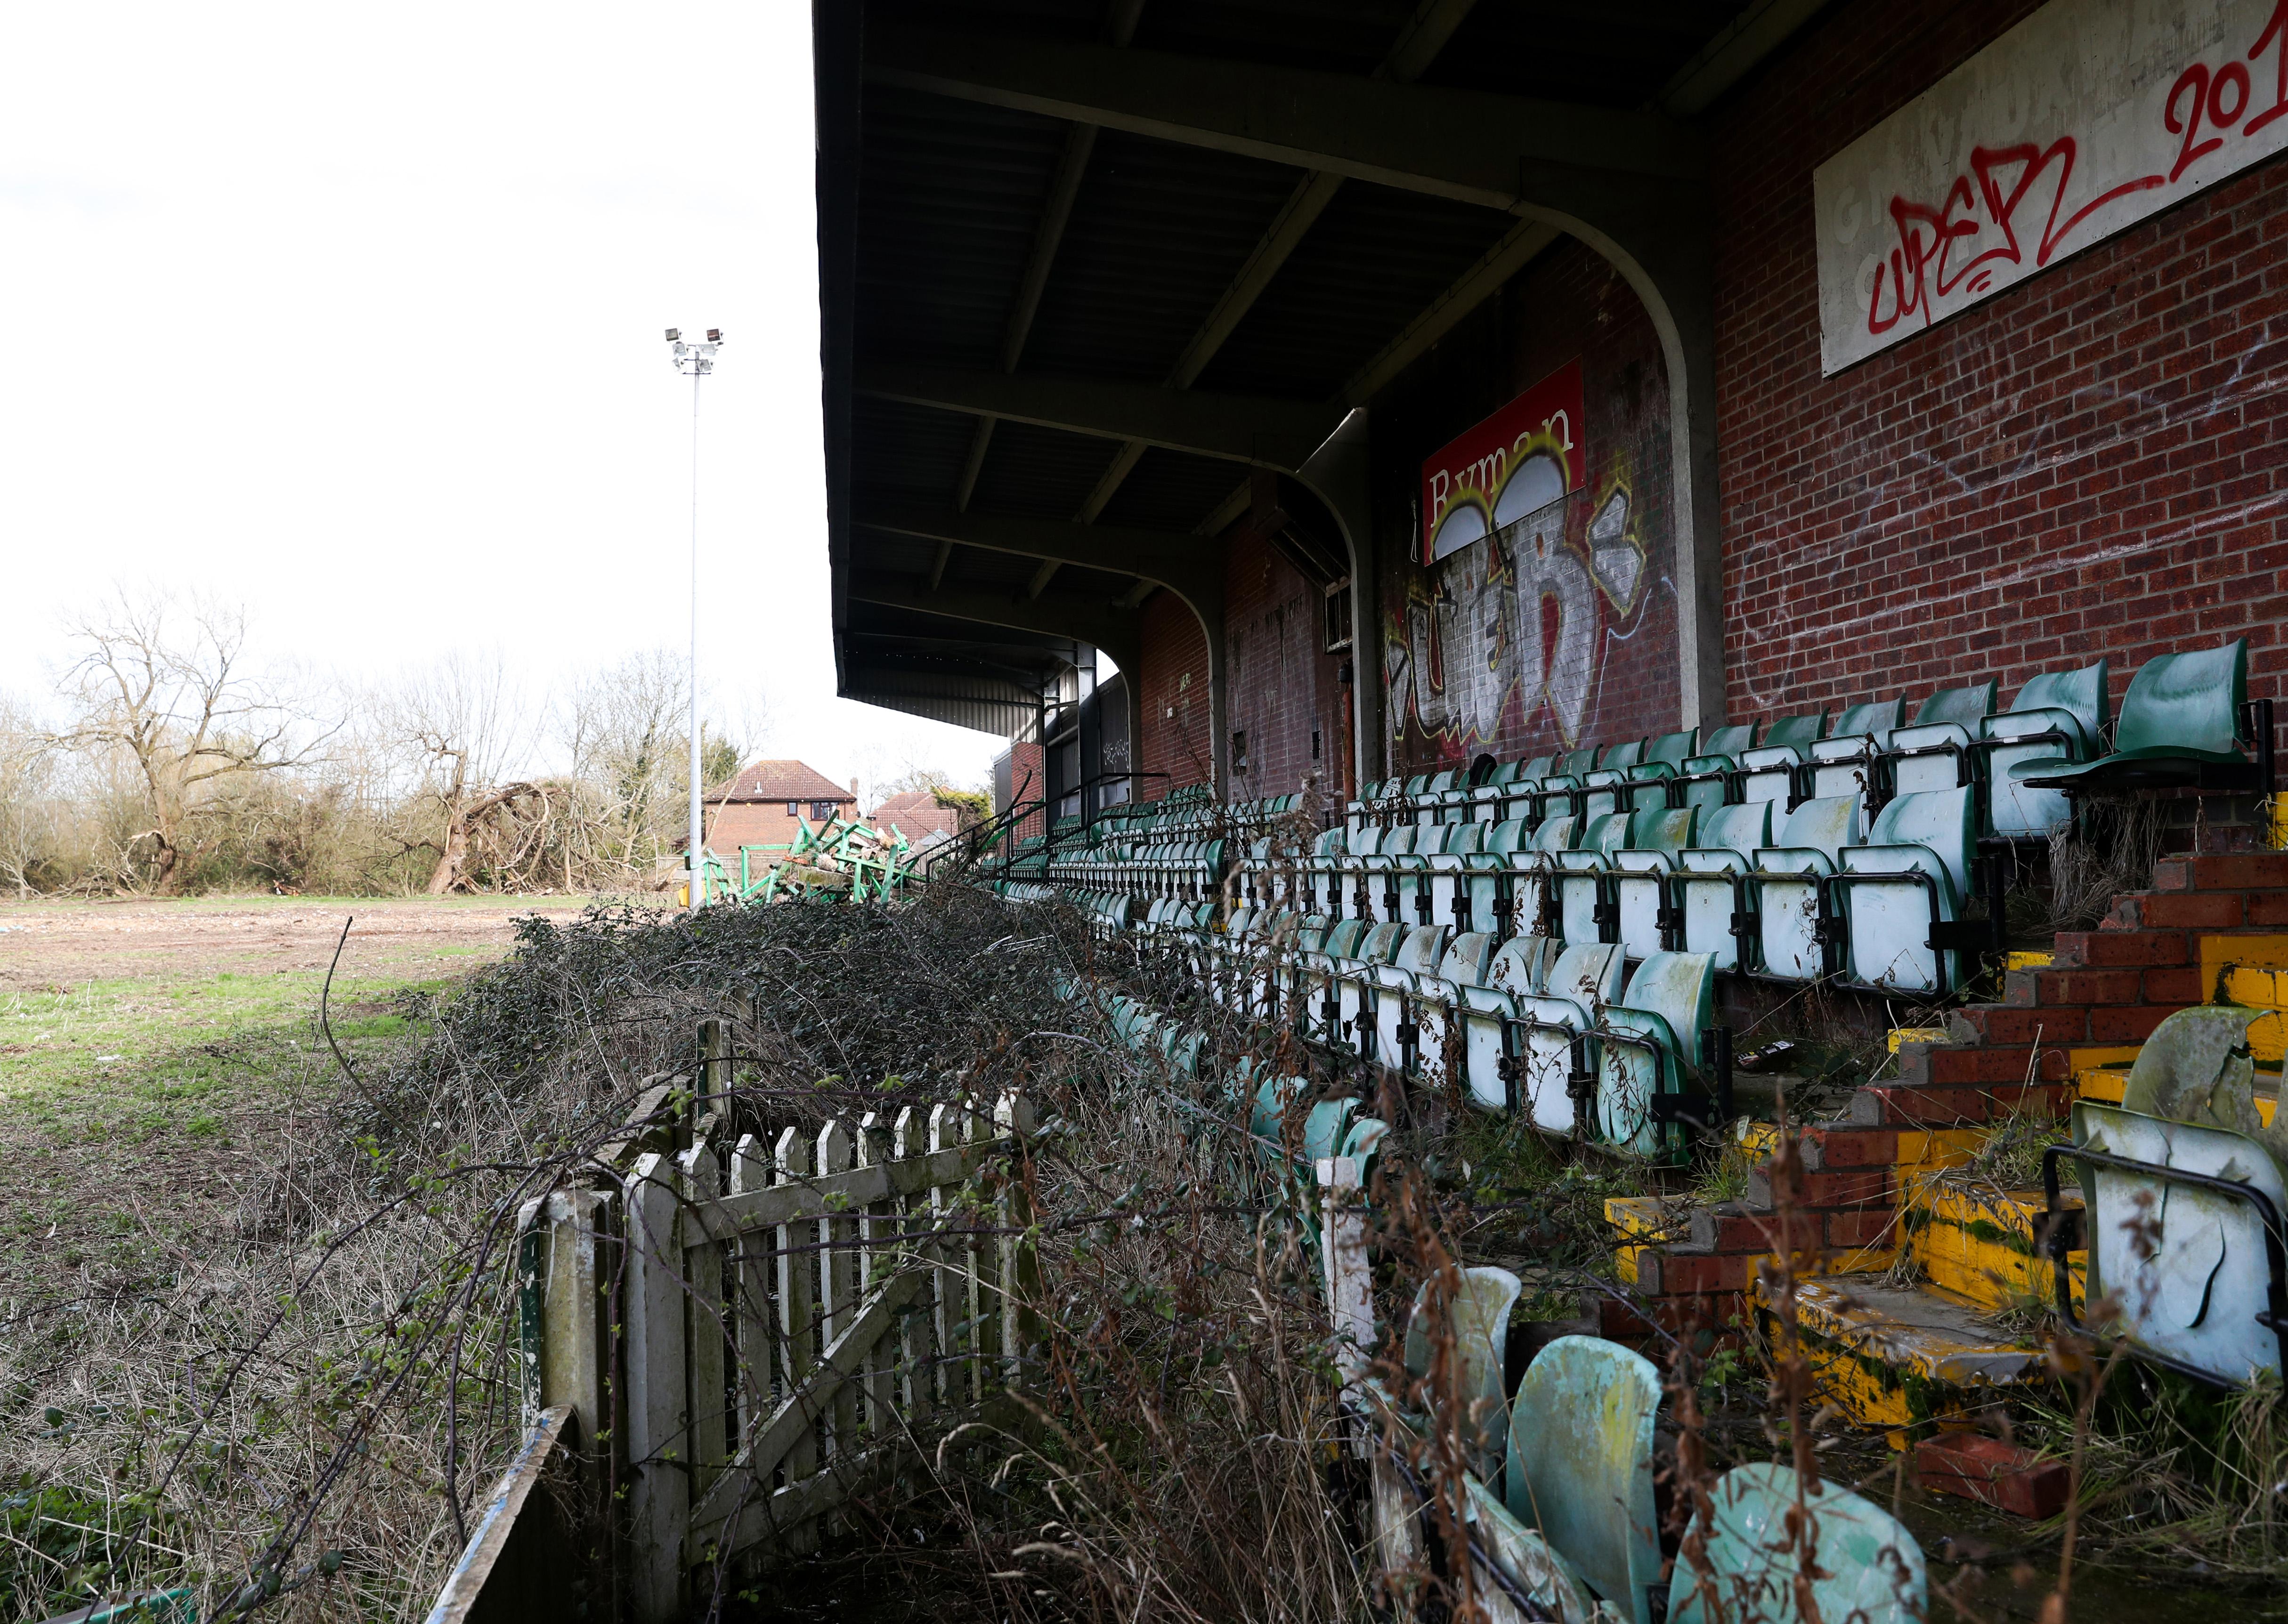 Aylesbury United FC Former Buckingham Road Stadium To Be Demolished